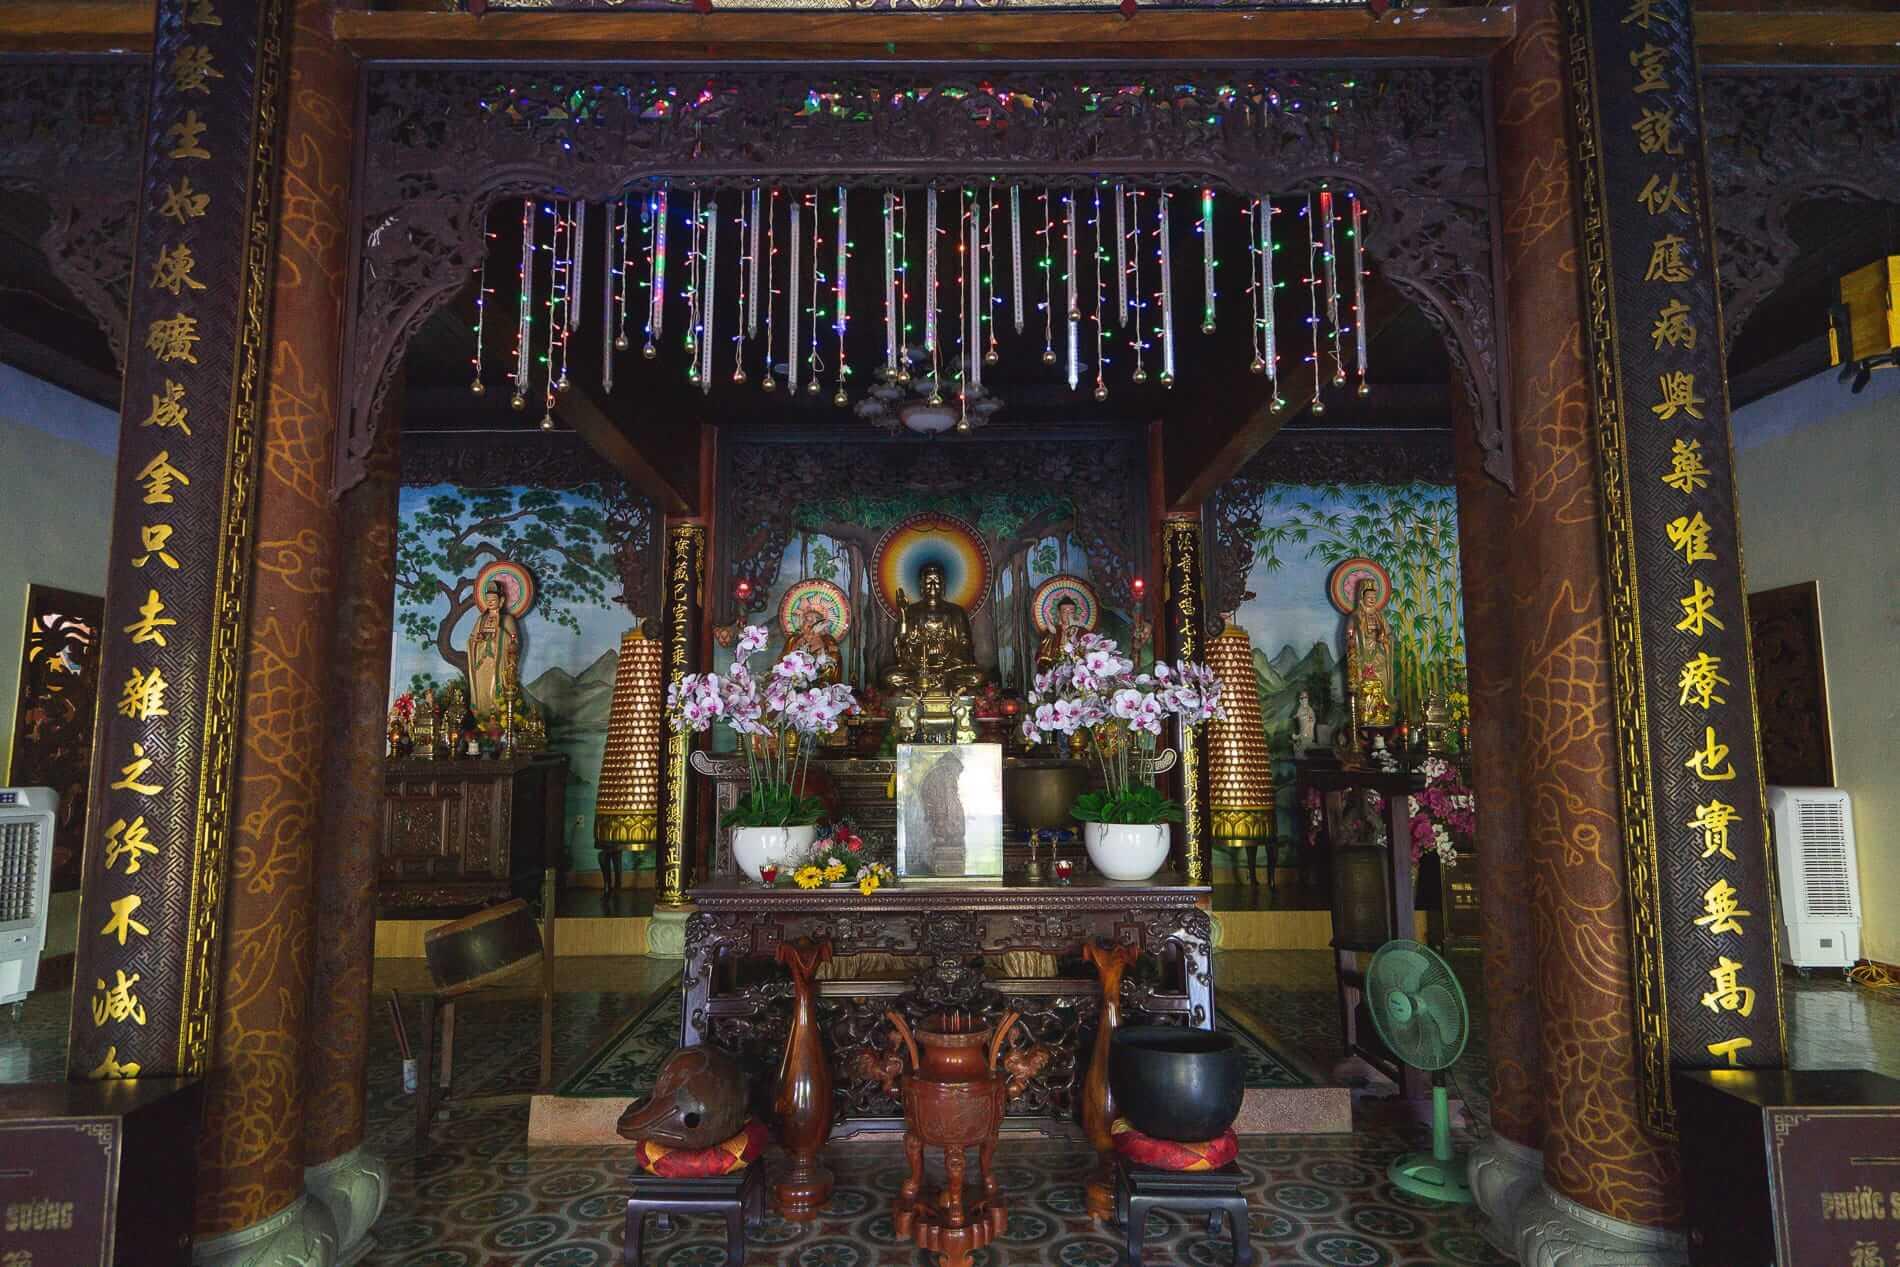 Phap Bao Pagoda's main altar - Hoi An Temples and Pagodas